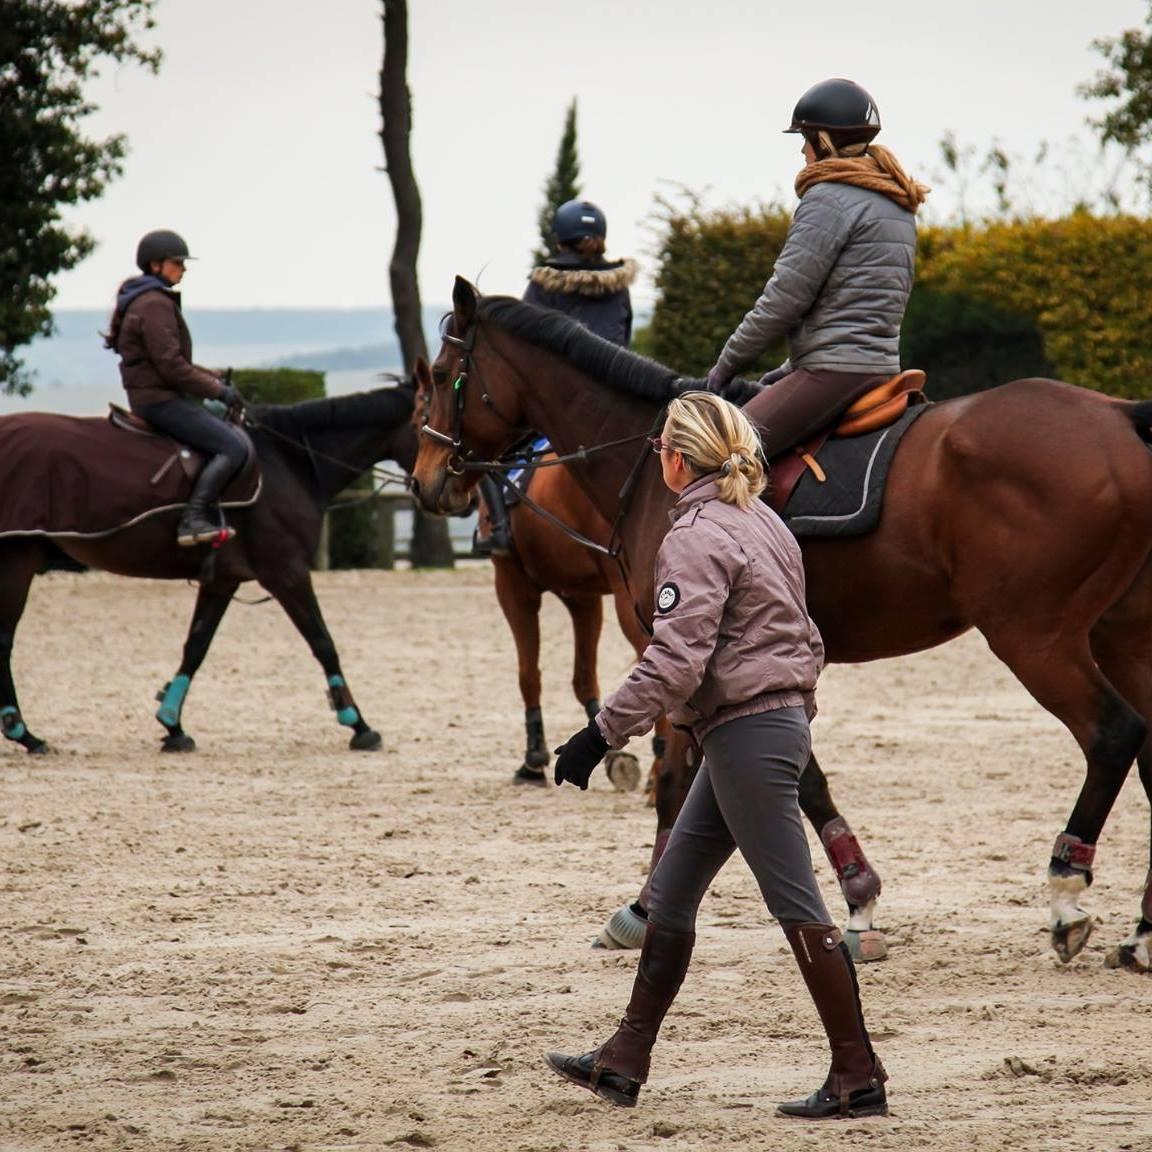 aide établissement équestre : 120 €/cheval